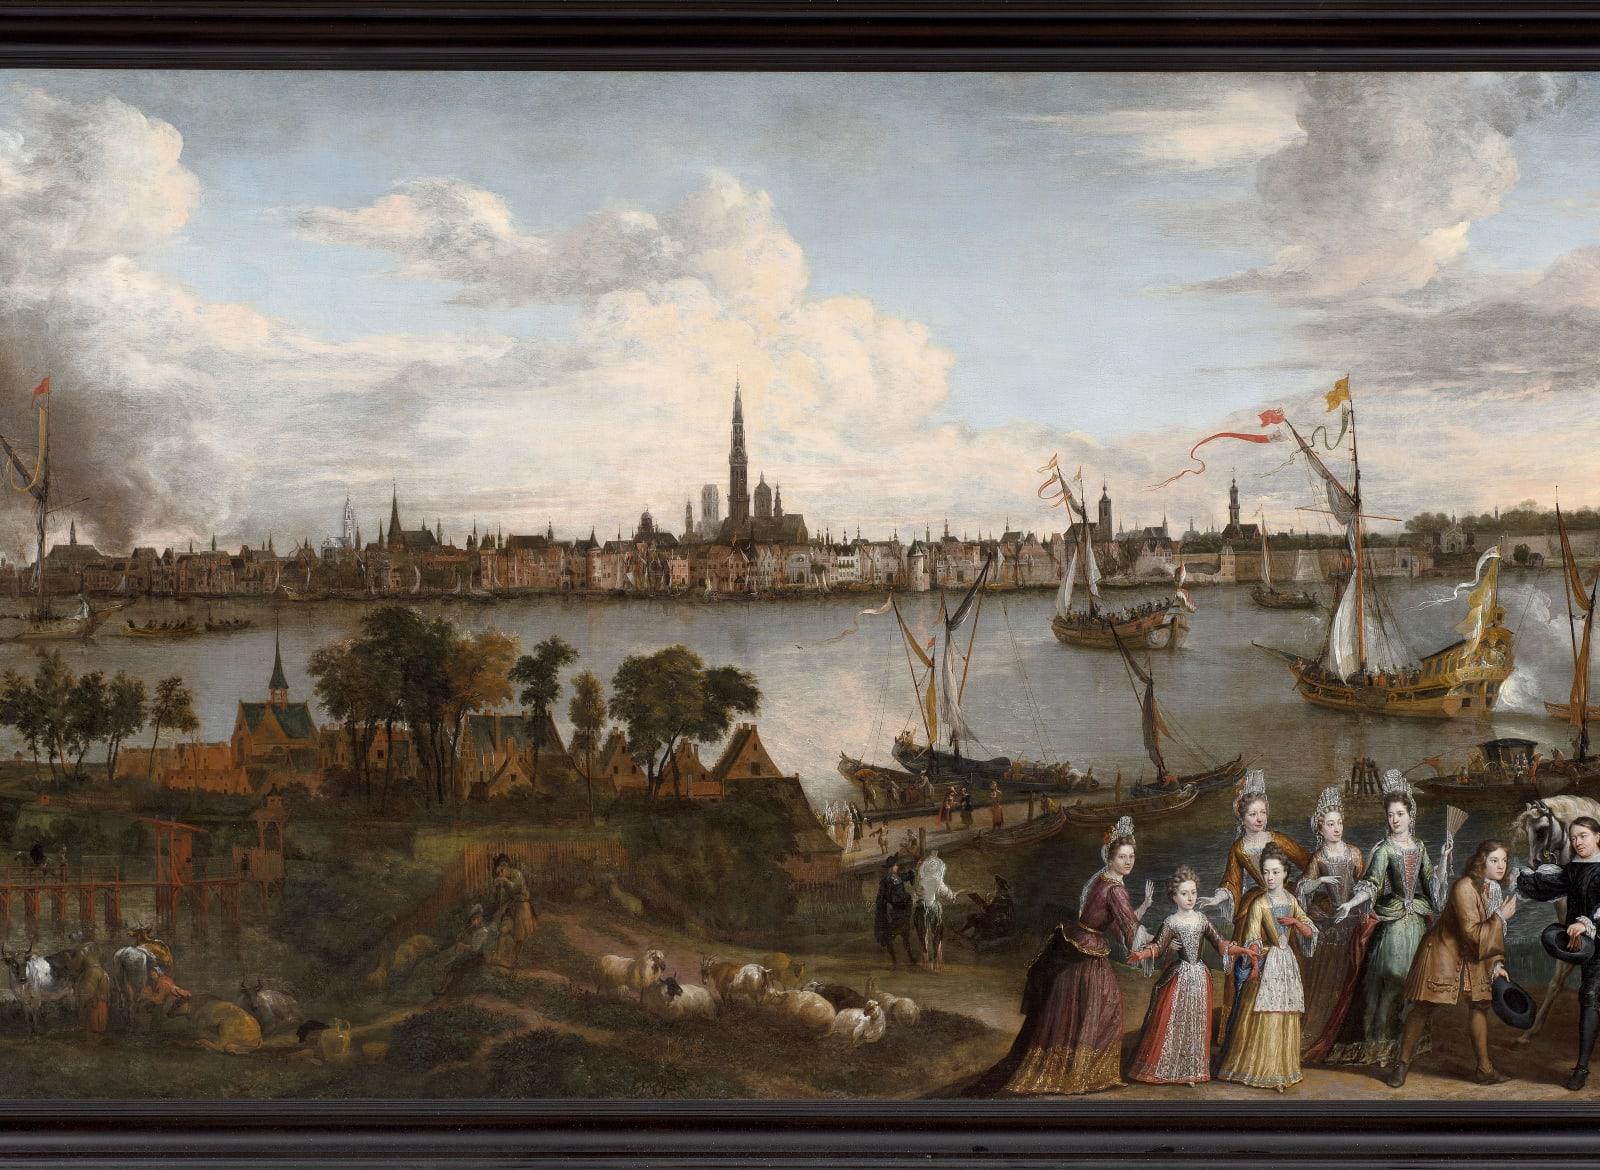 HENDRICK VAN MINDERHOUT (Rotterdam, 1632 - Antwerp, 1696) & JAN VAN HELMONT (Antwerp, 1650 - Brussels, 1714)